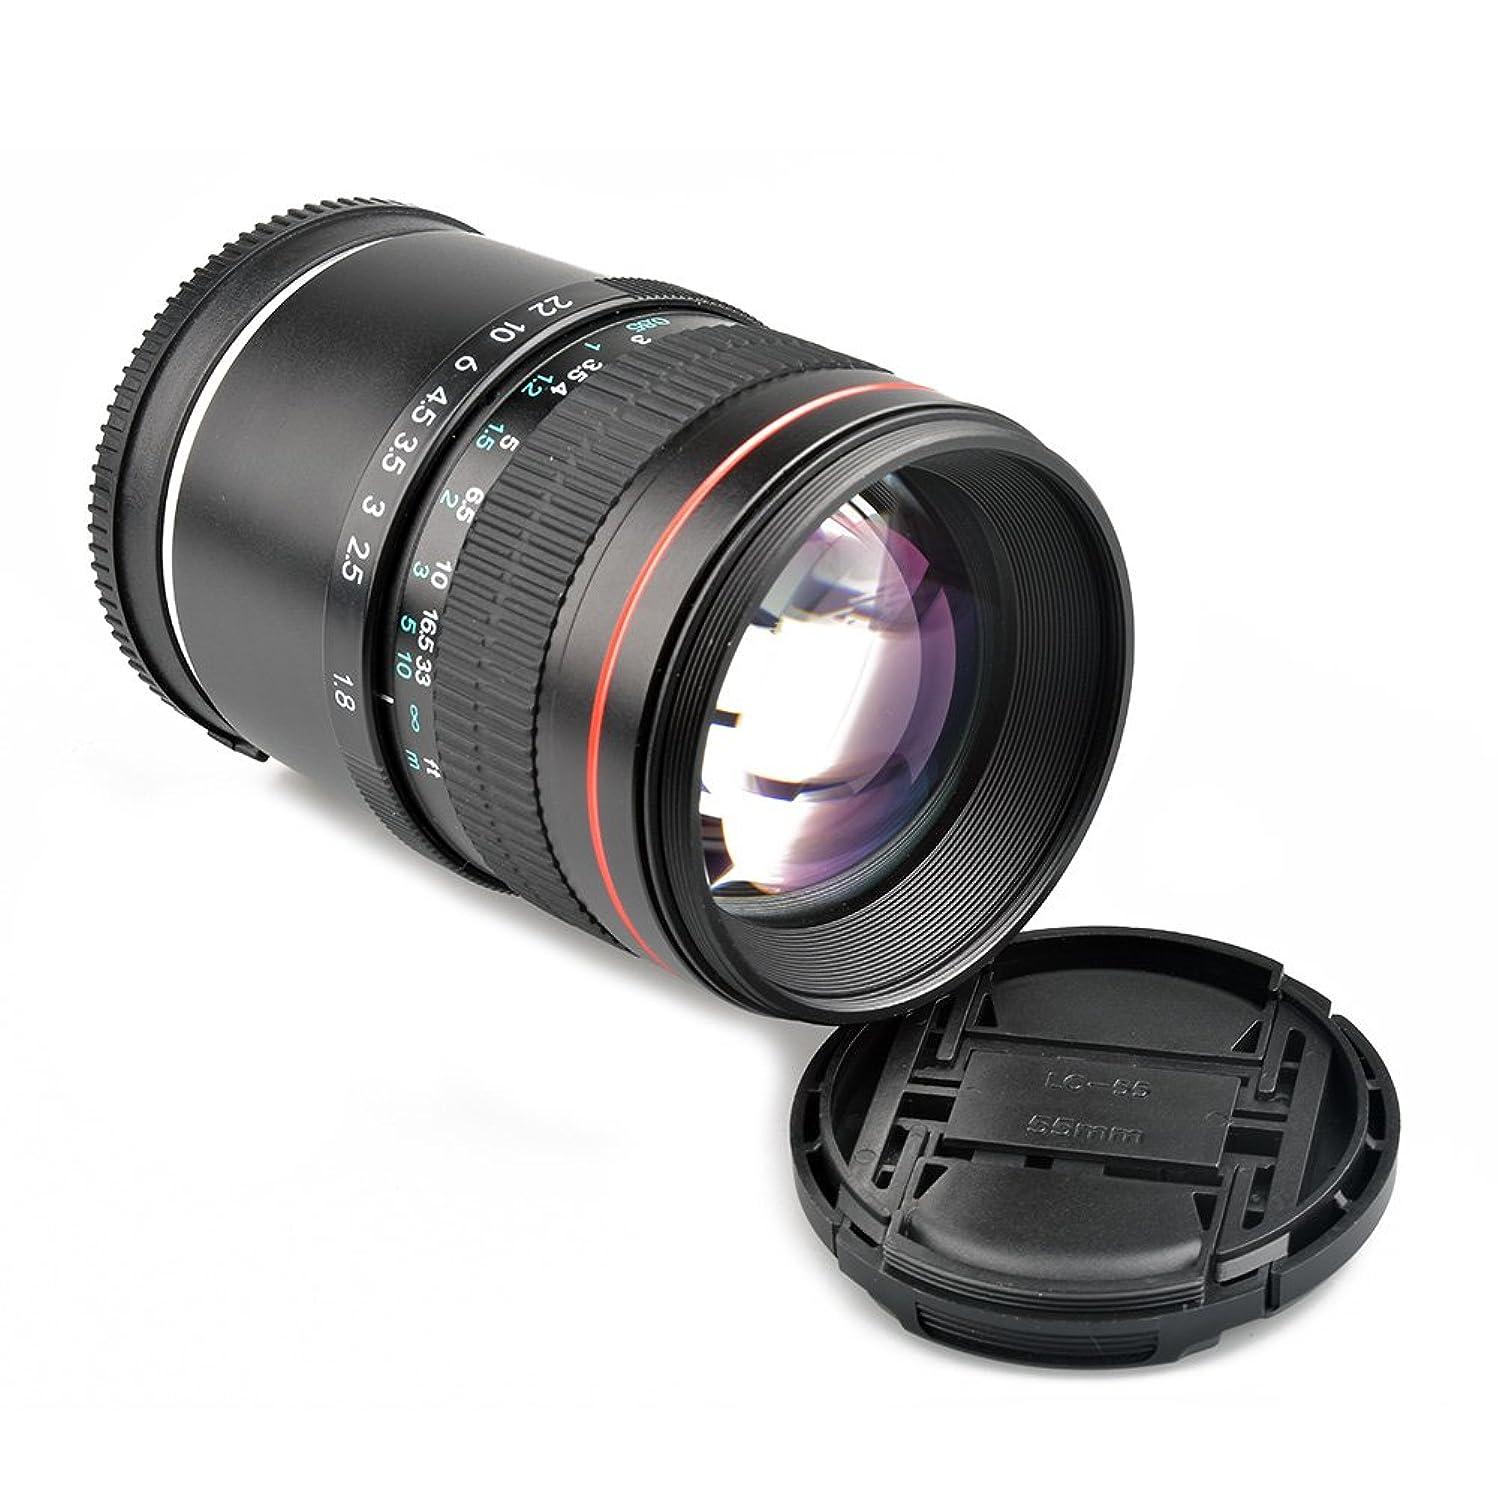 FE 85mm F/1.8 Medium Telephoto Portrait Full Frame E Mount Lens for Sony